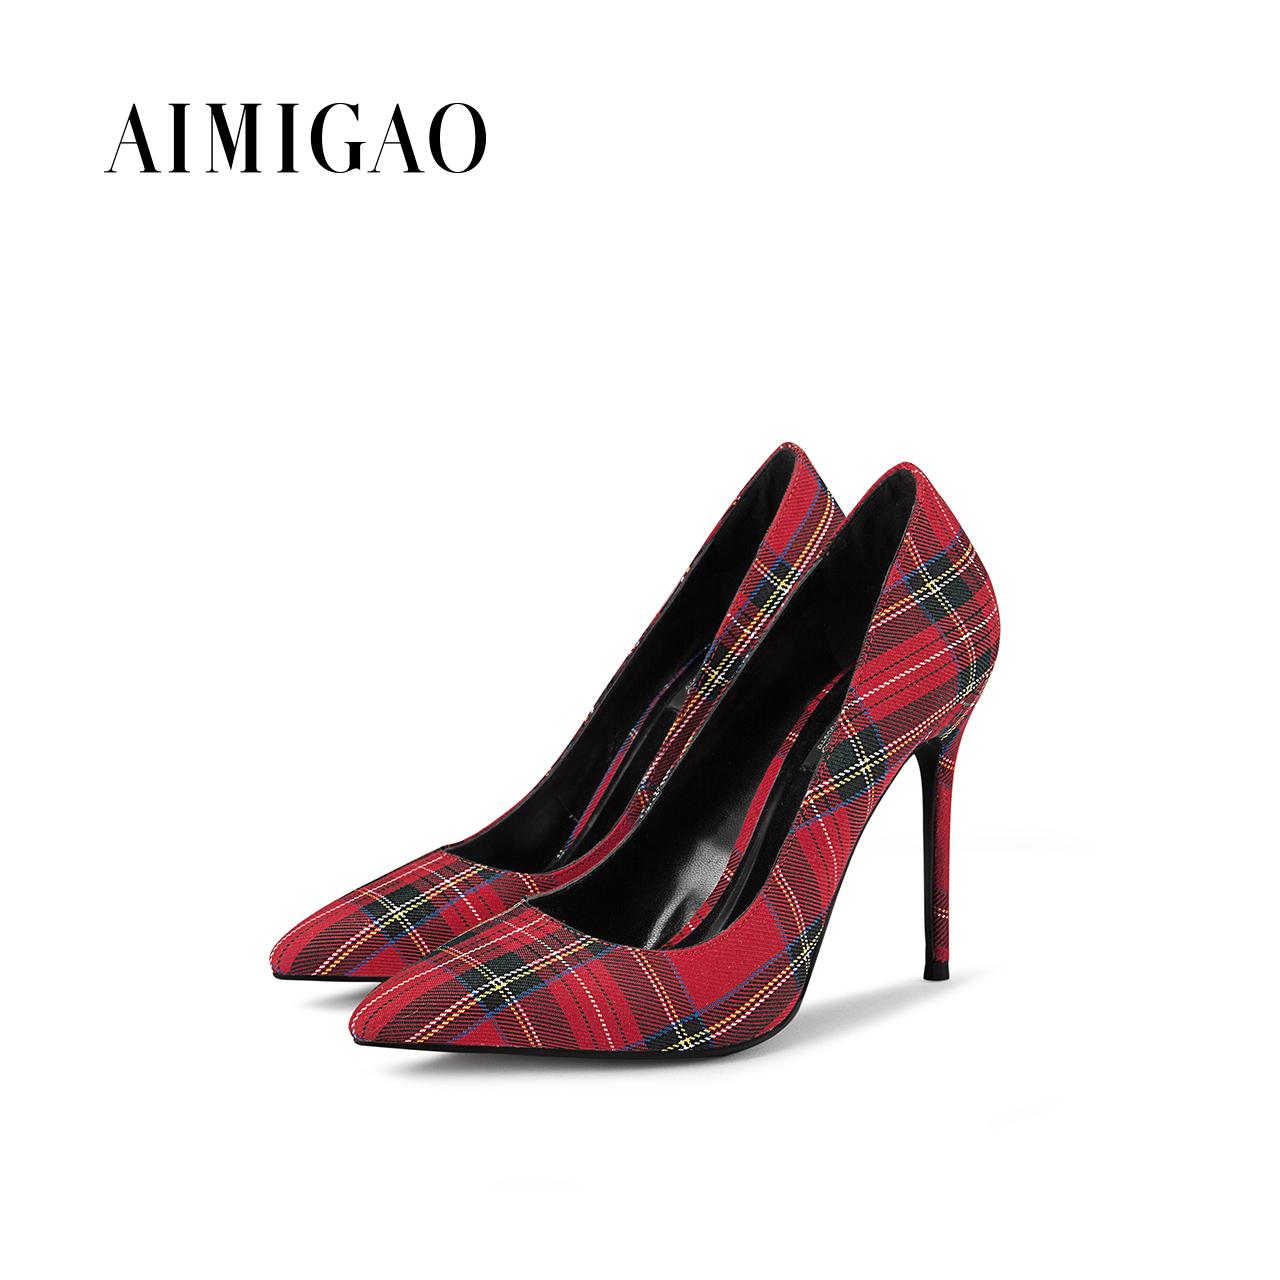 AIMIGAO爱米高2018春夏时尚格子布尖头高跟鞋女细跟单鞋子